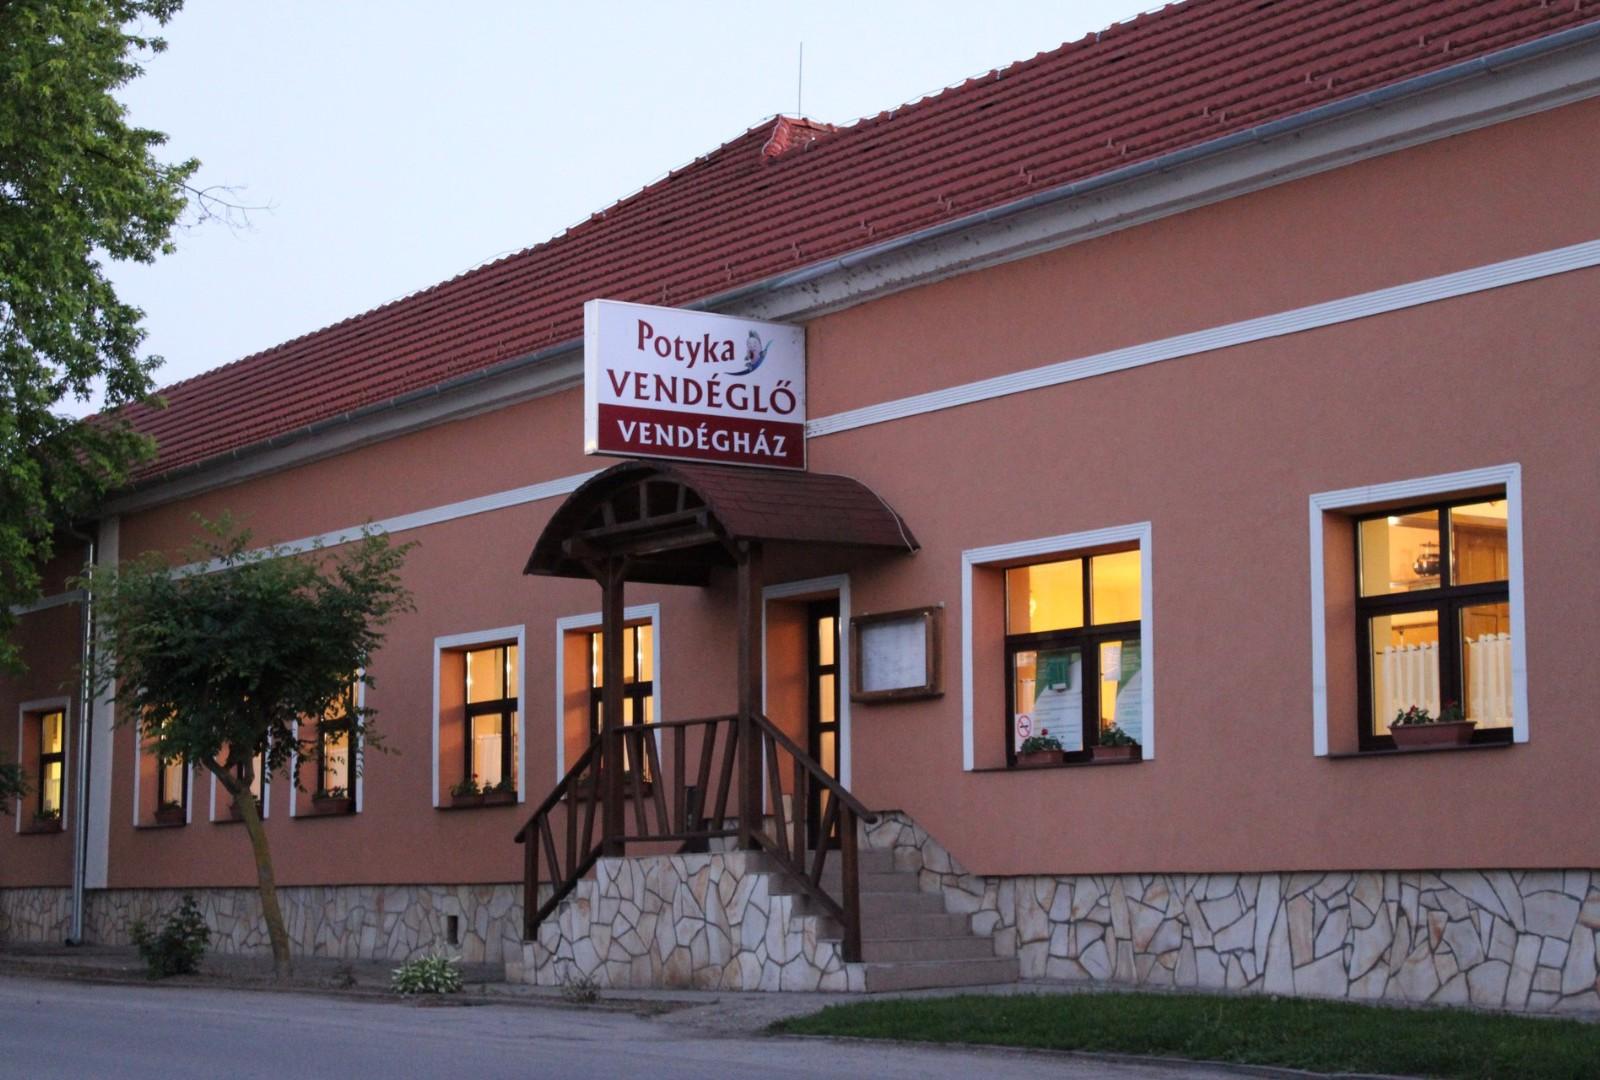 Vendéglőnk és vendégházunk Pellérden, a főút mellett található, Pécstől 10km-re